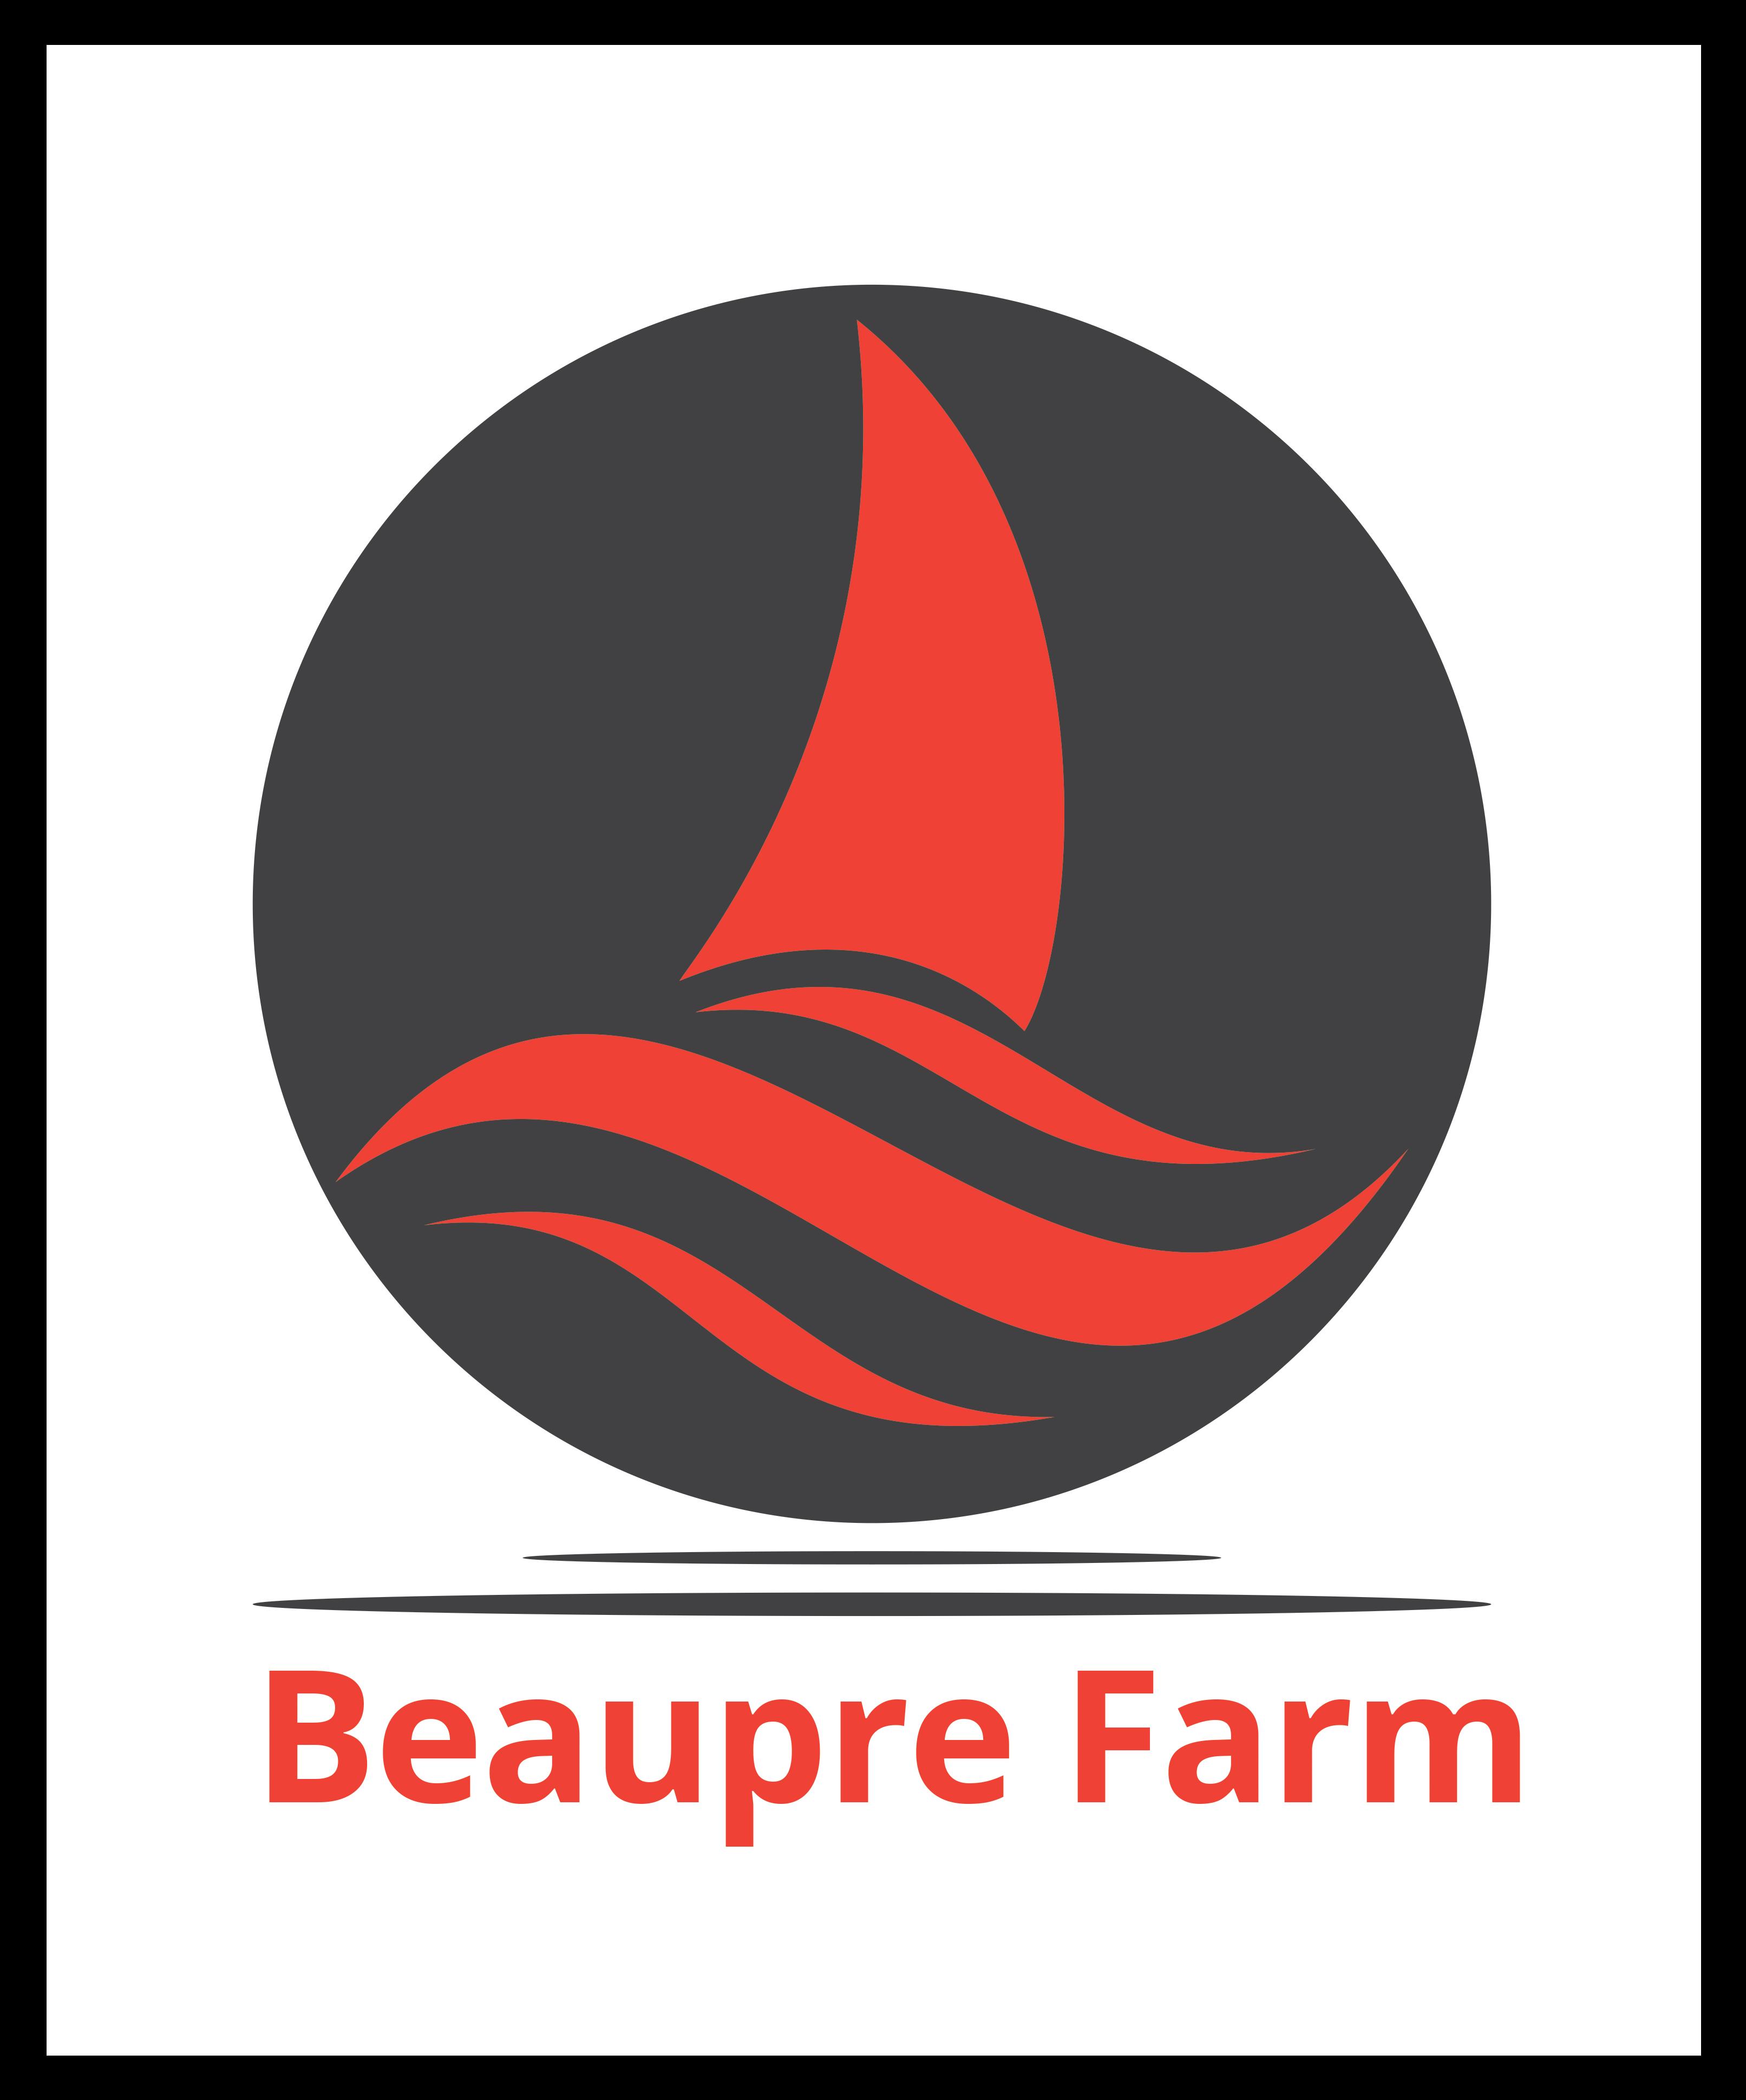 Beaupre Farm